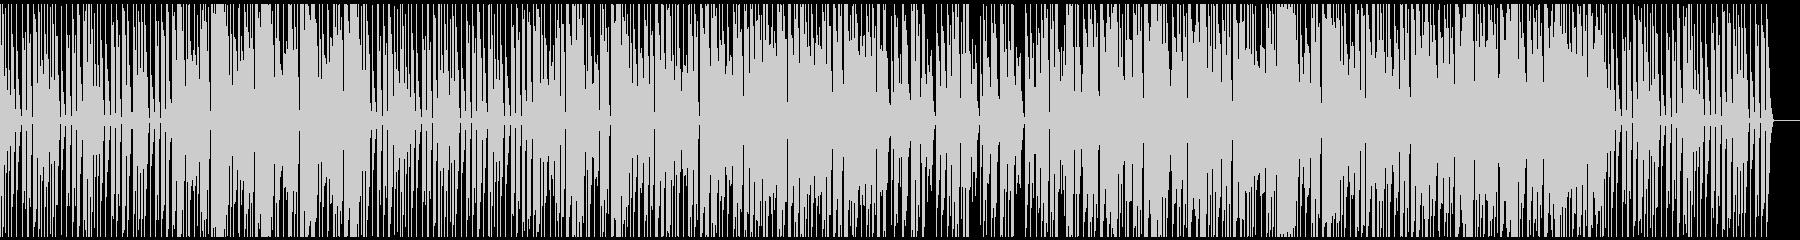 幻想的 チルアウト 電子音 シンセの未再生の波形